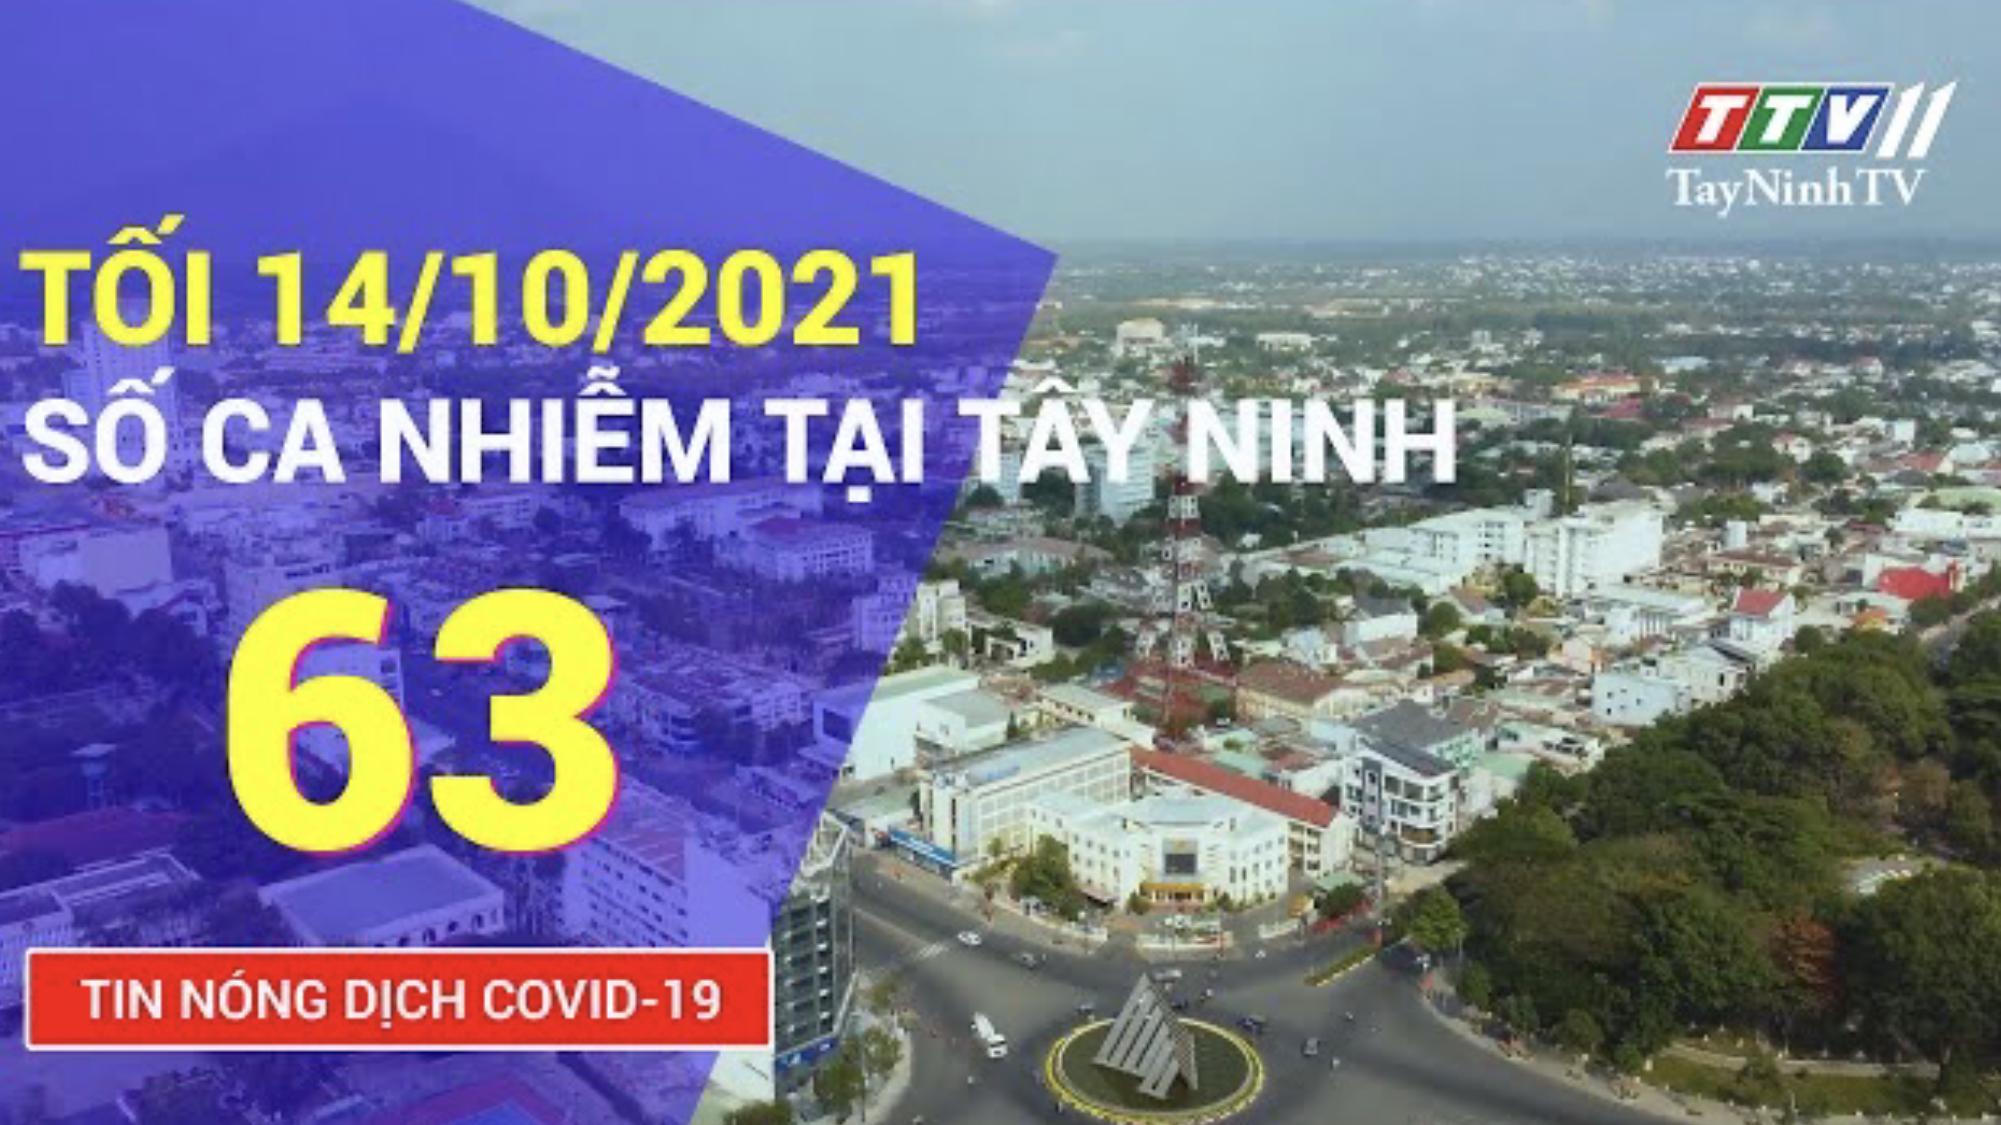 TIN TỨC COVID-19 TỐI 14/10/2021 | Tin tức hôm nay | TayNinhTV